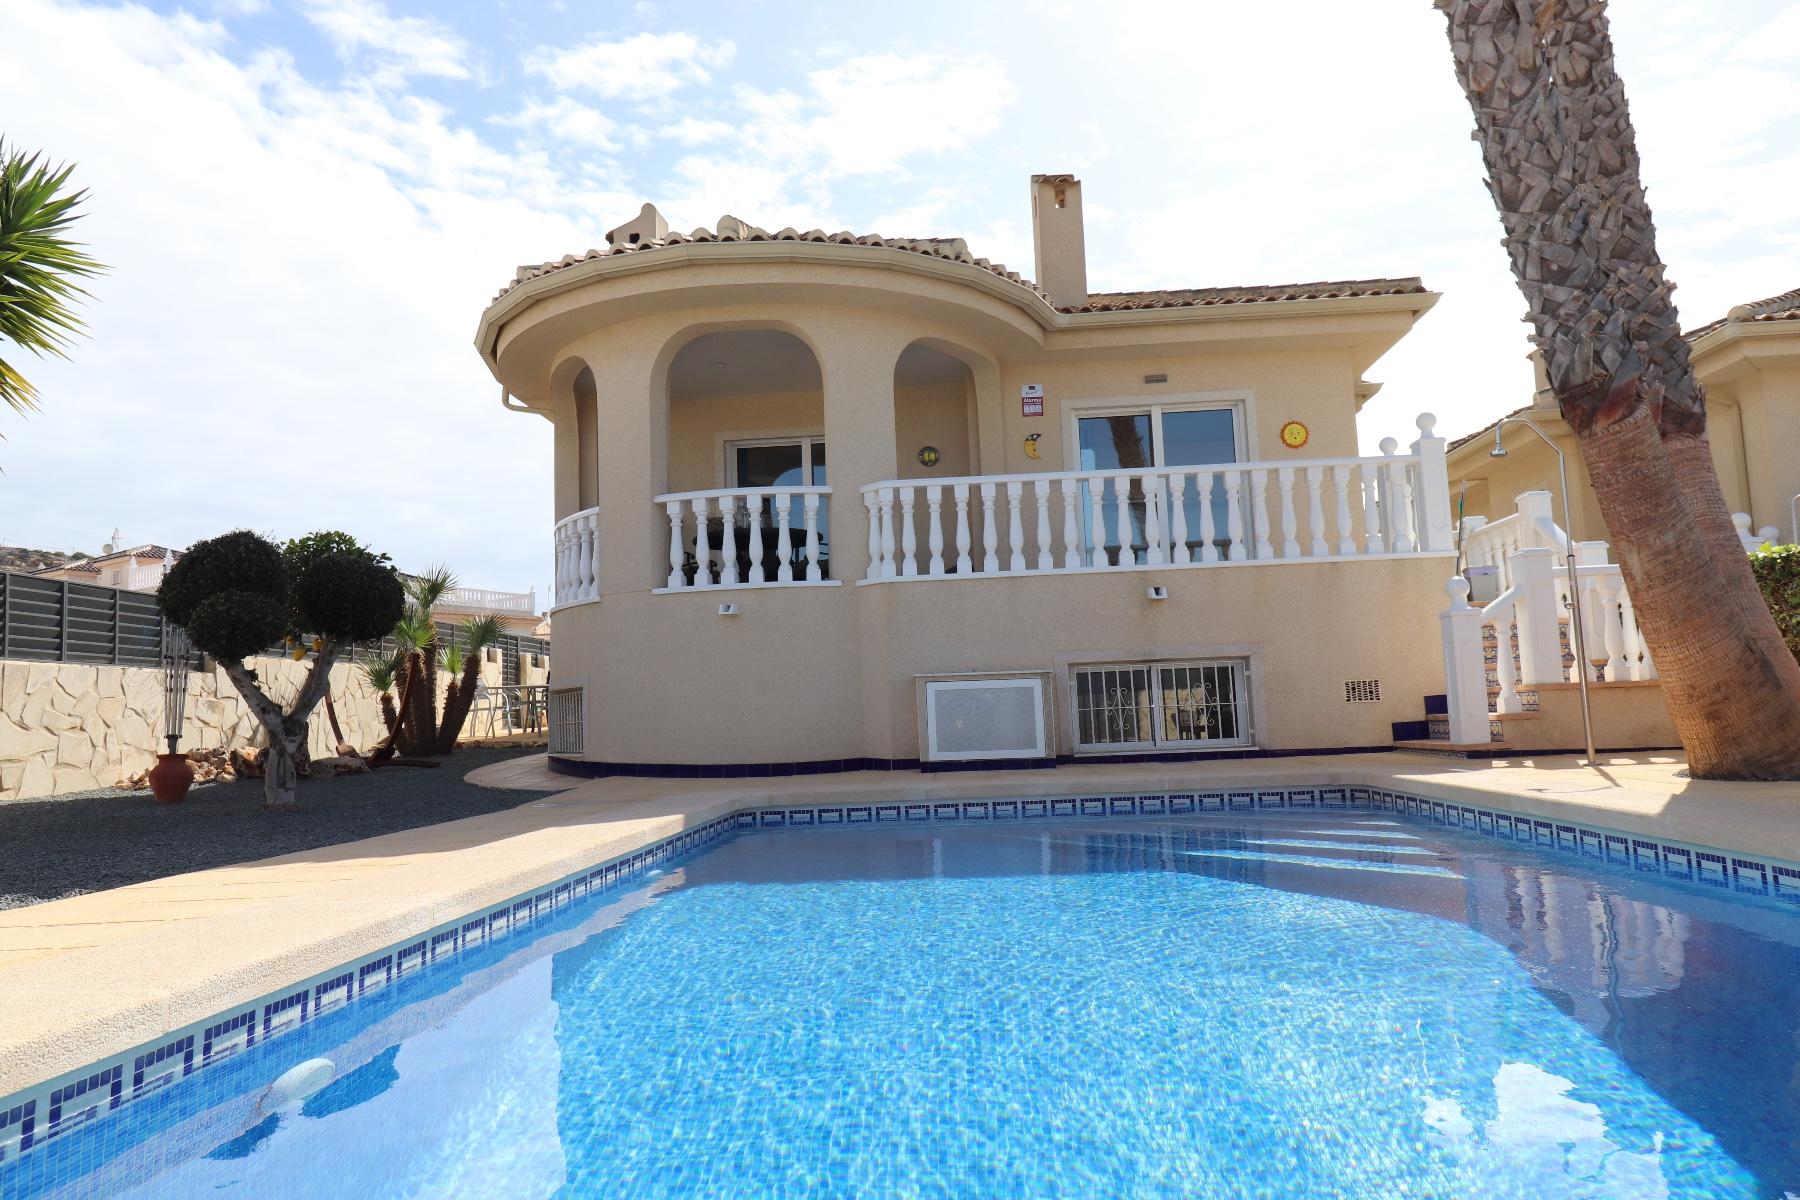 4 bedroom house / villa for sale in Benijofar, Costa Blanca